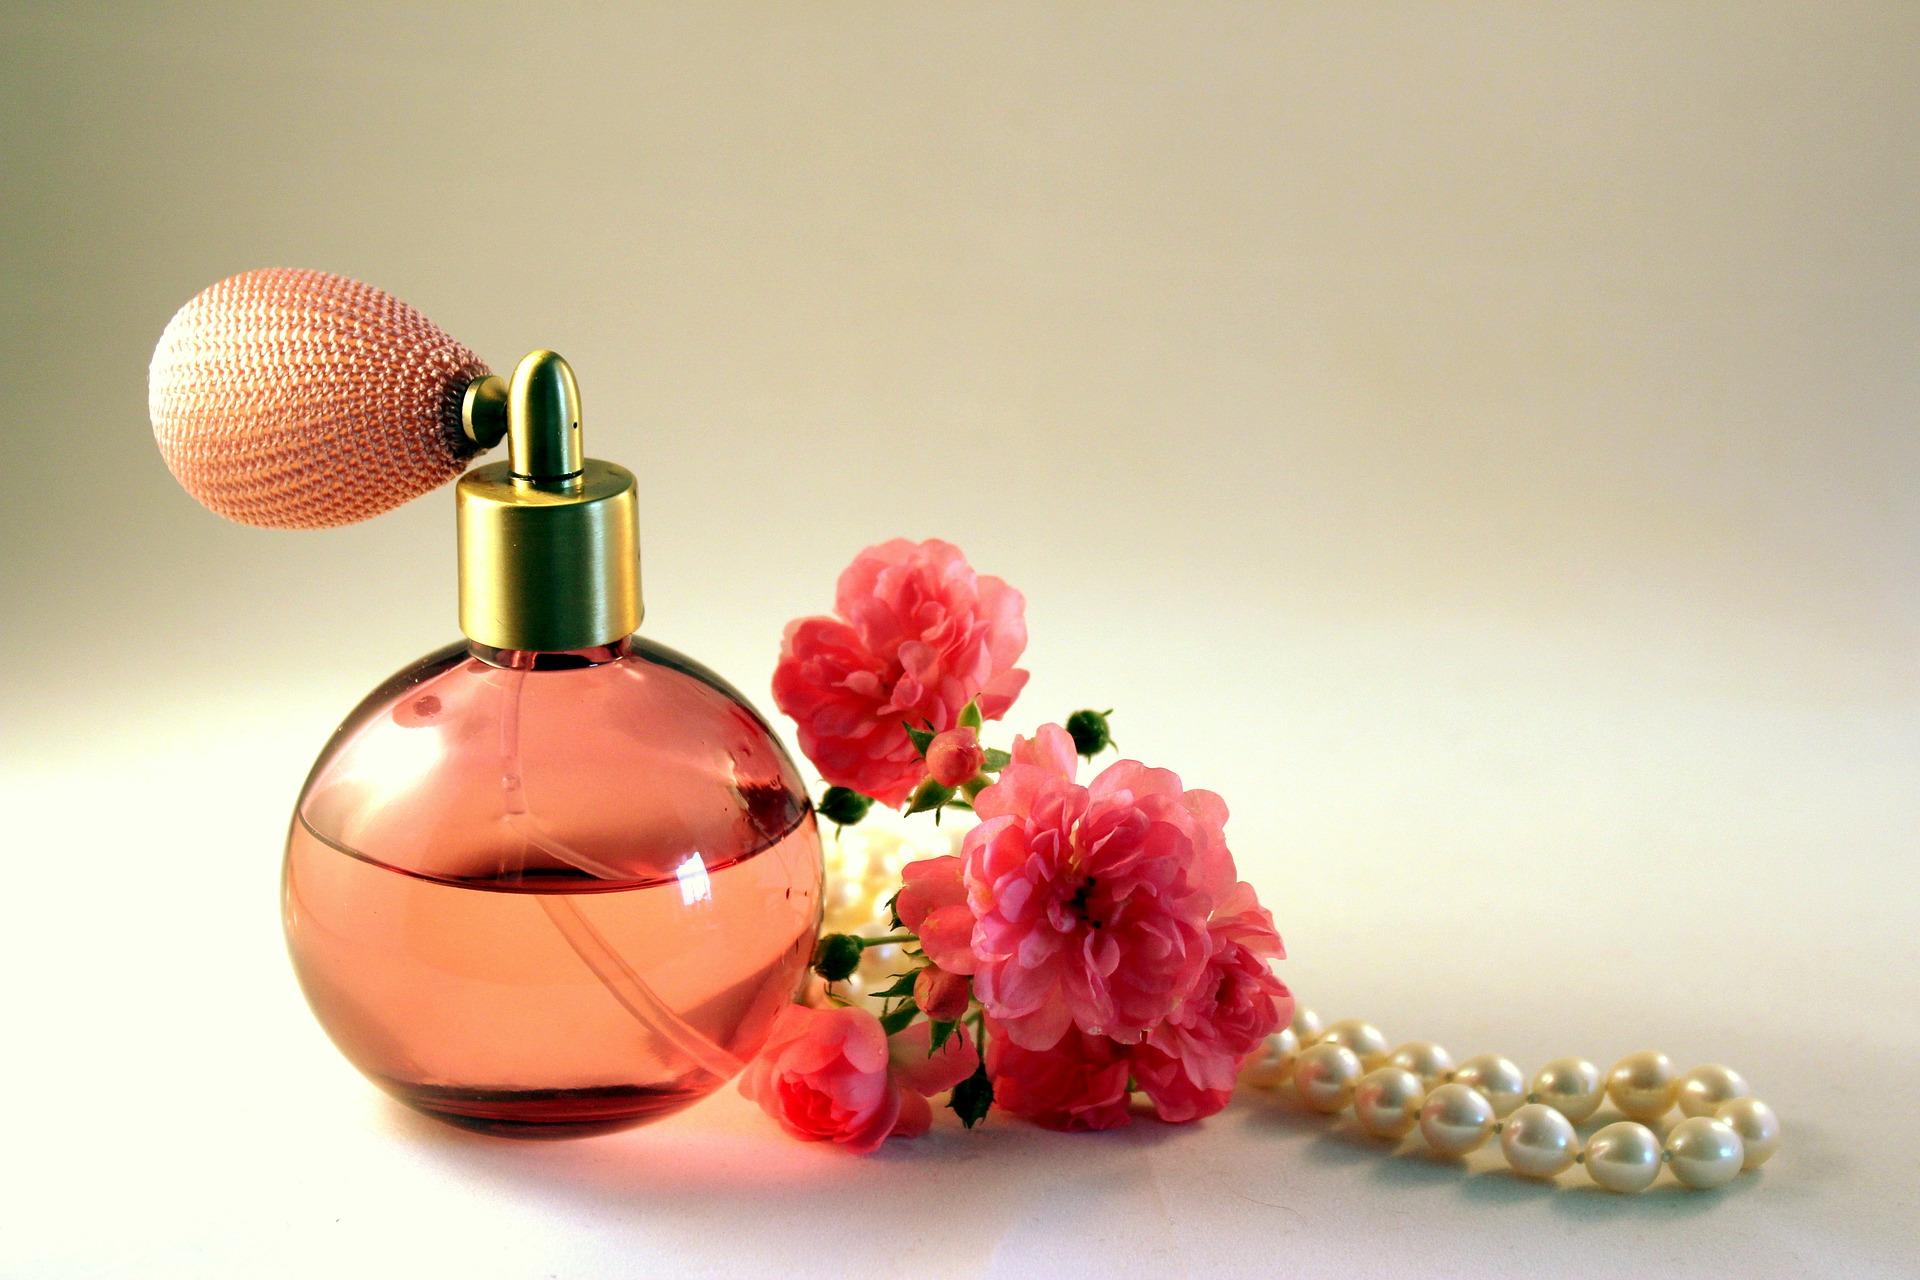 Куда лучше наносить парфюм, чтобы аромат держался дольше?